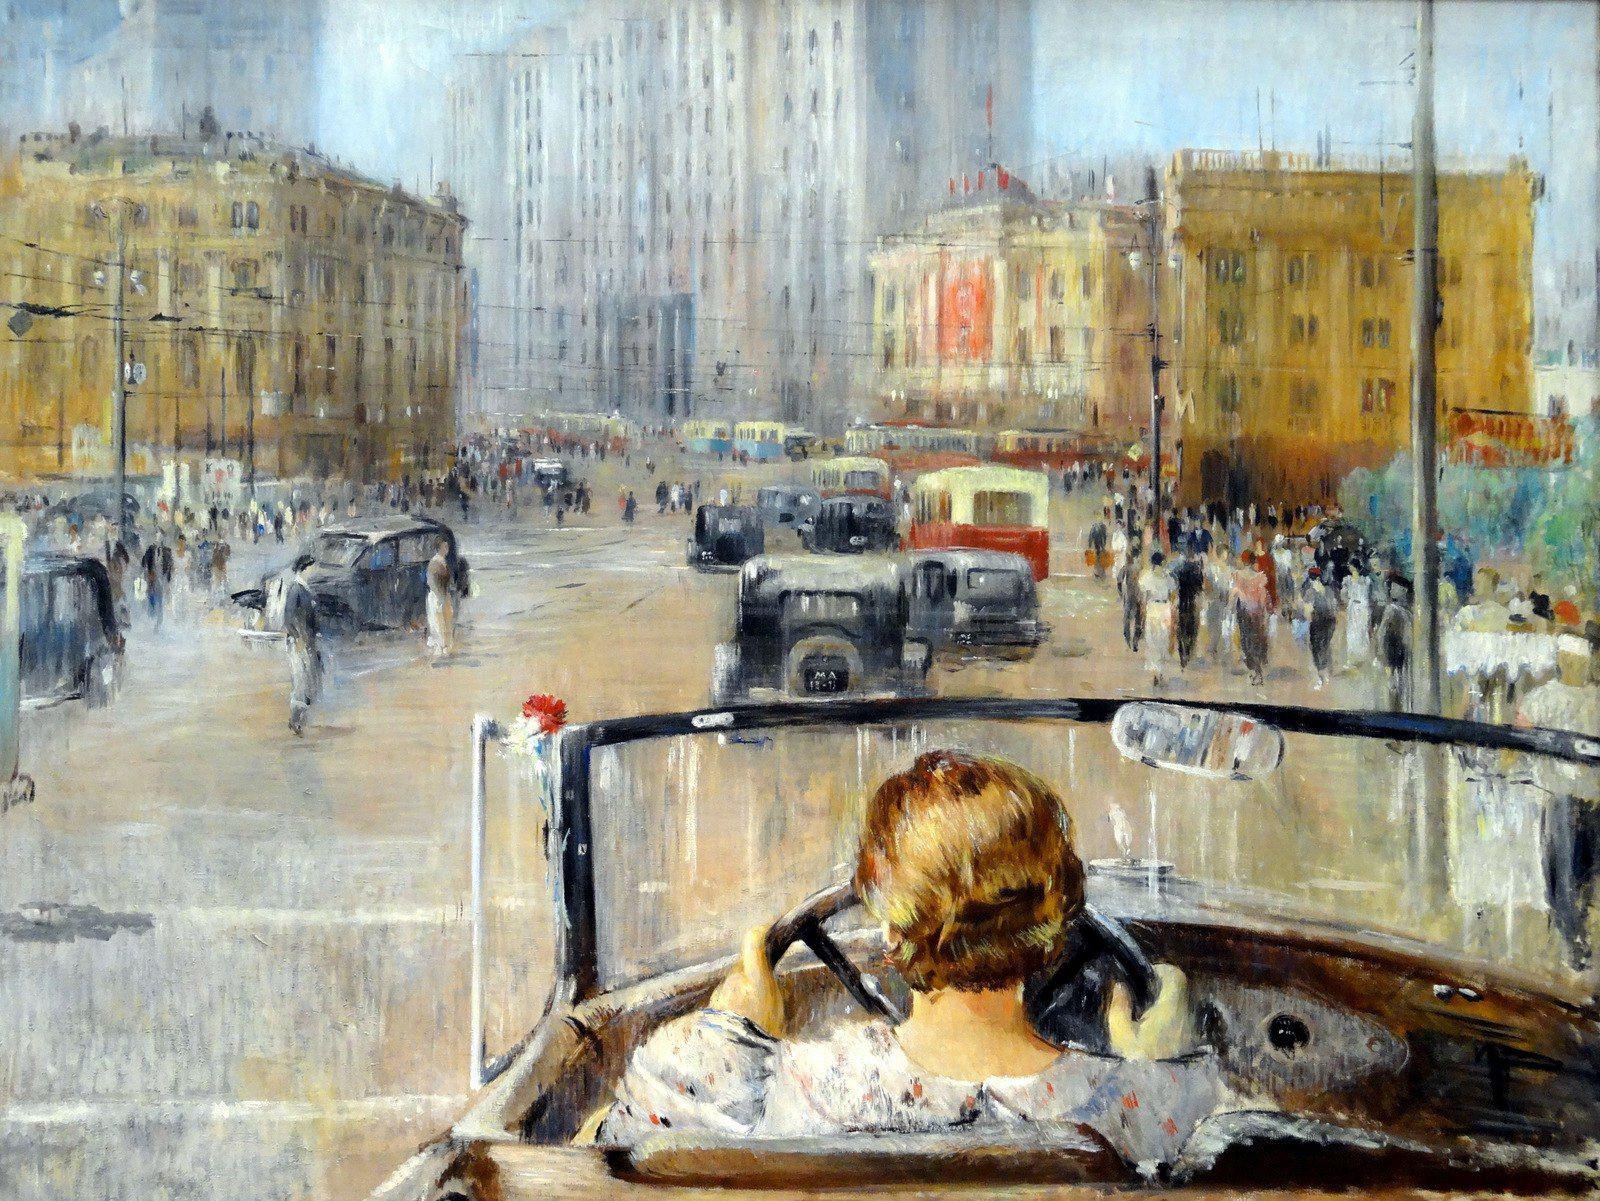 ユーリー・ピメノフ、新たなモスクワ、1937年